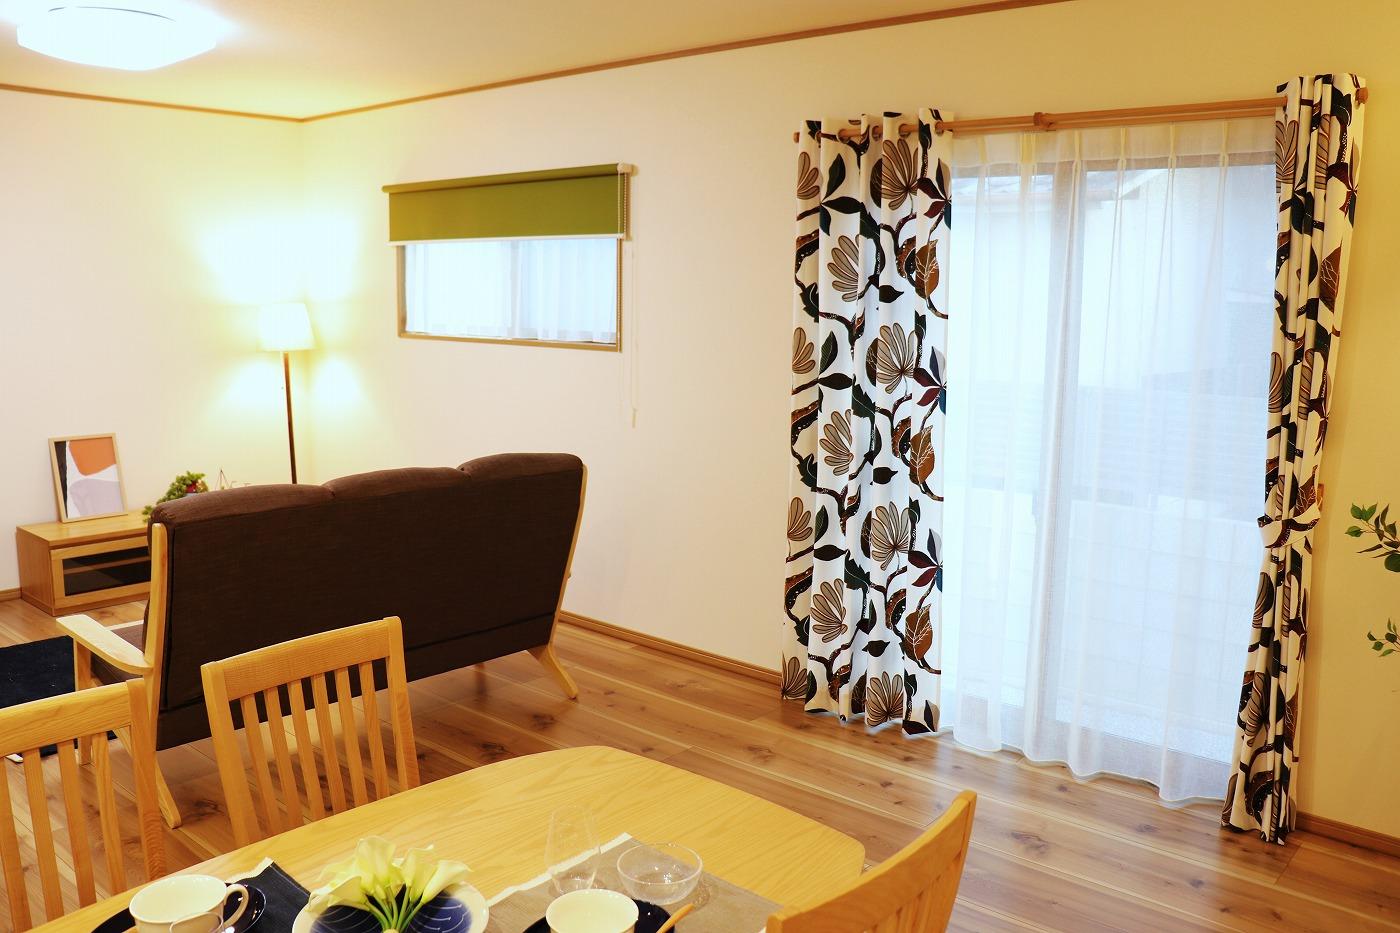 高松市木太町の新築分譲住宅のリビング